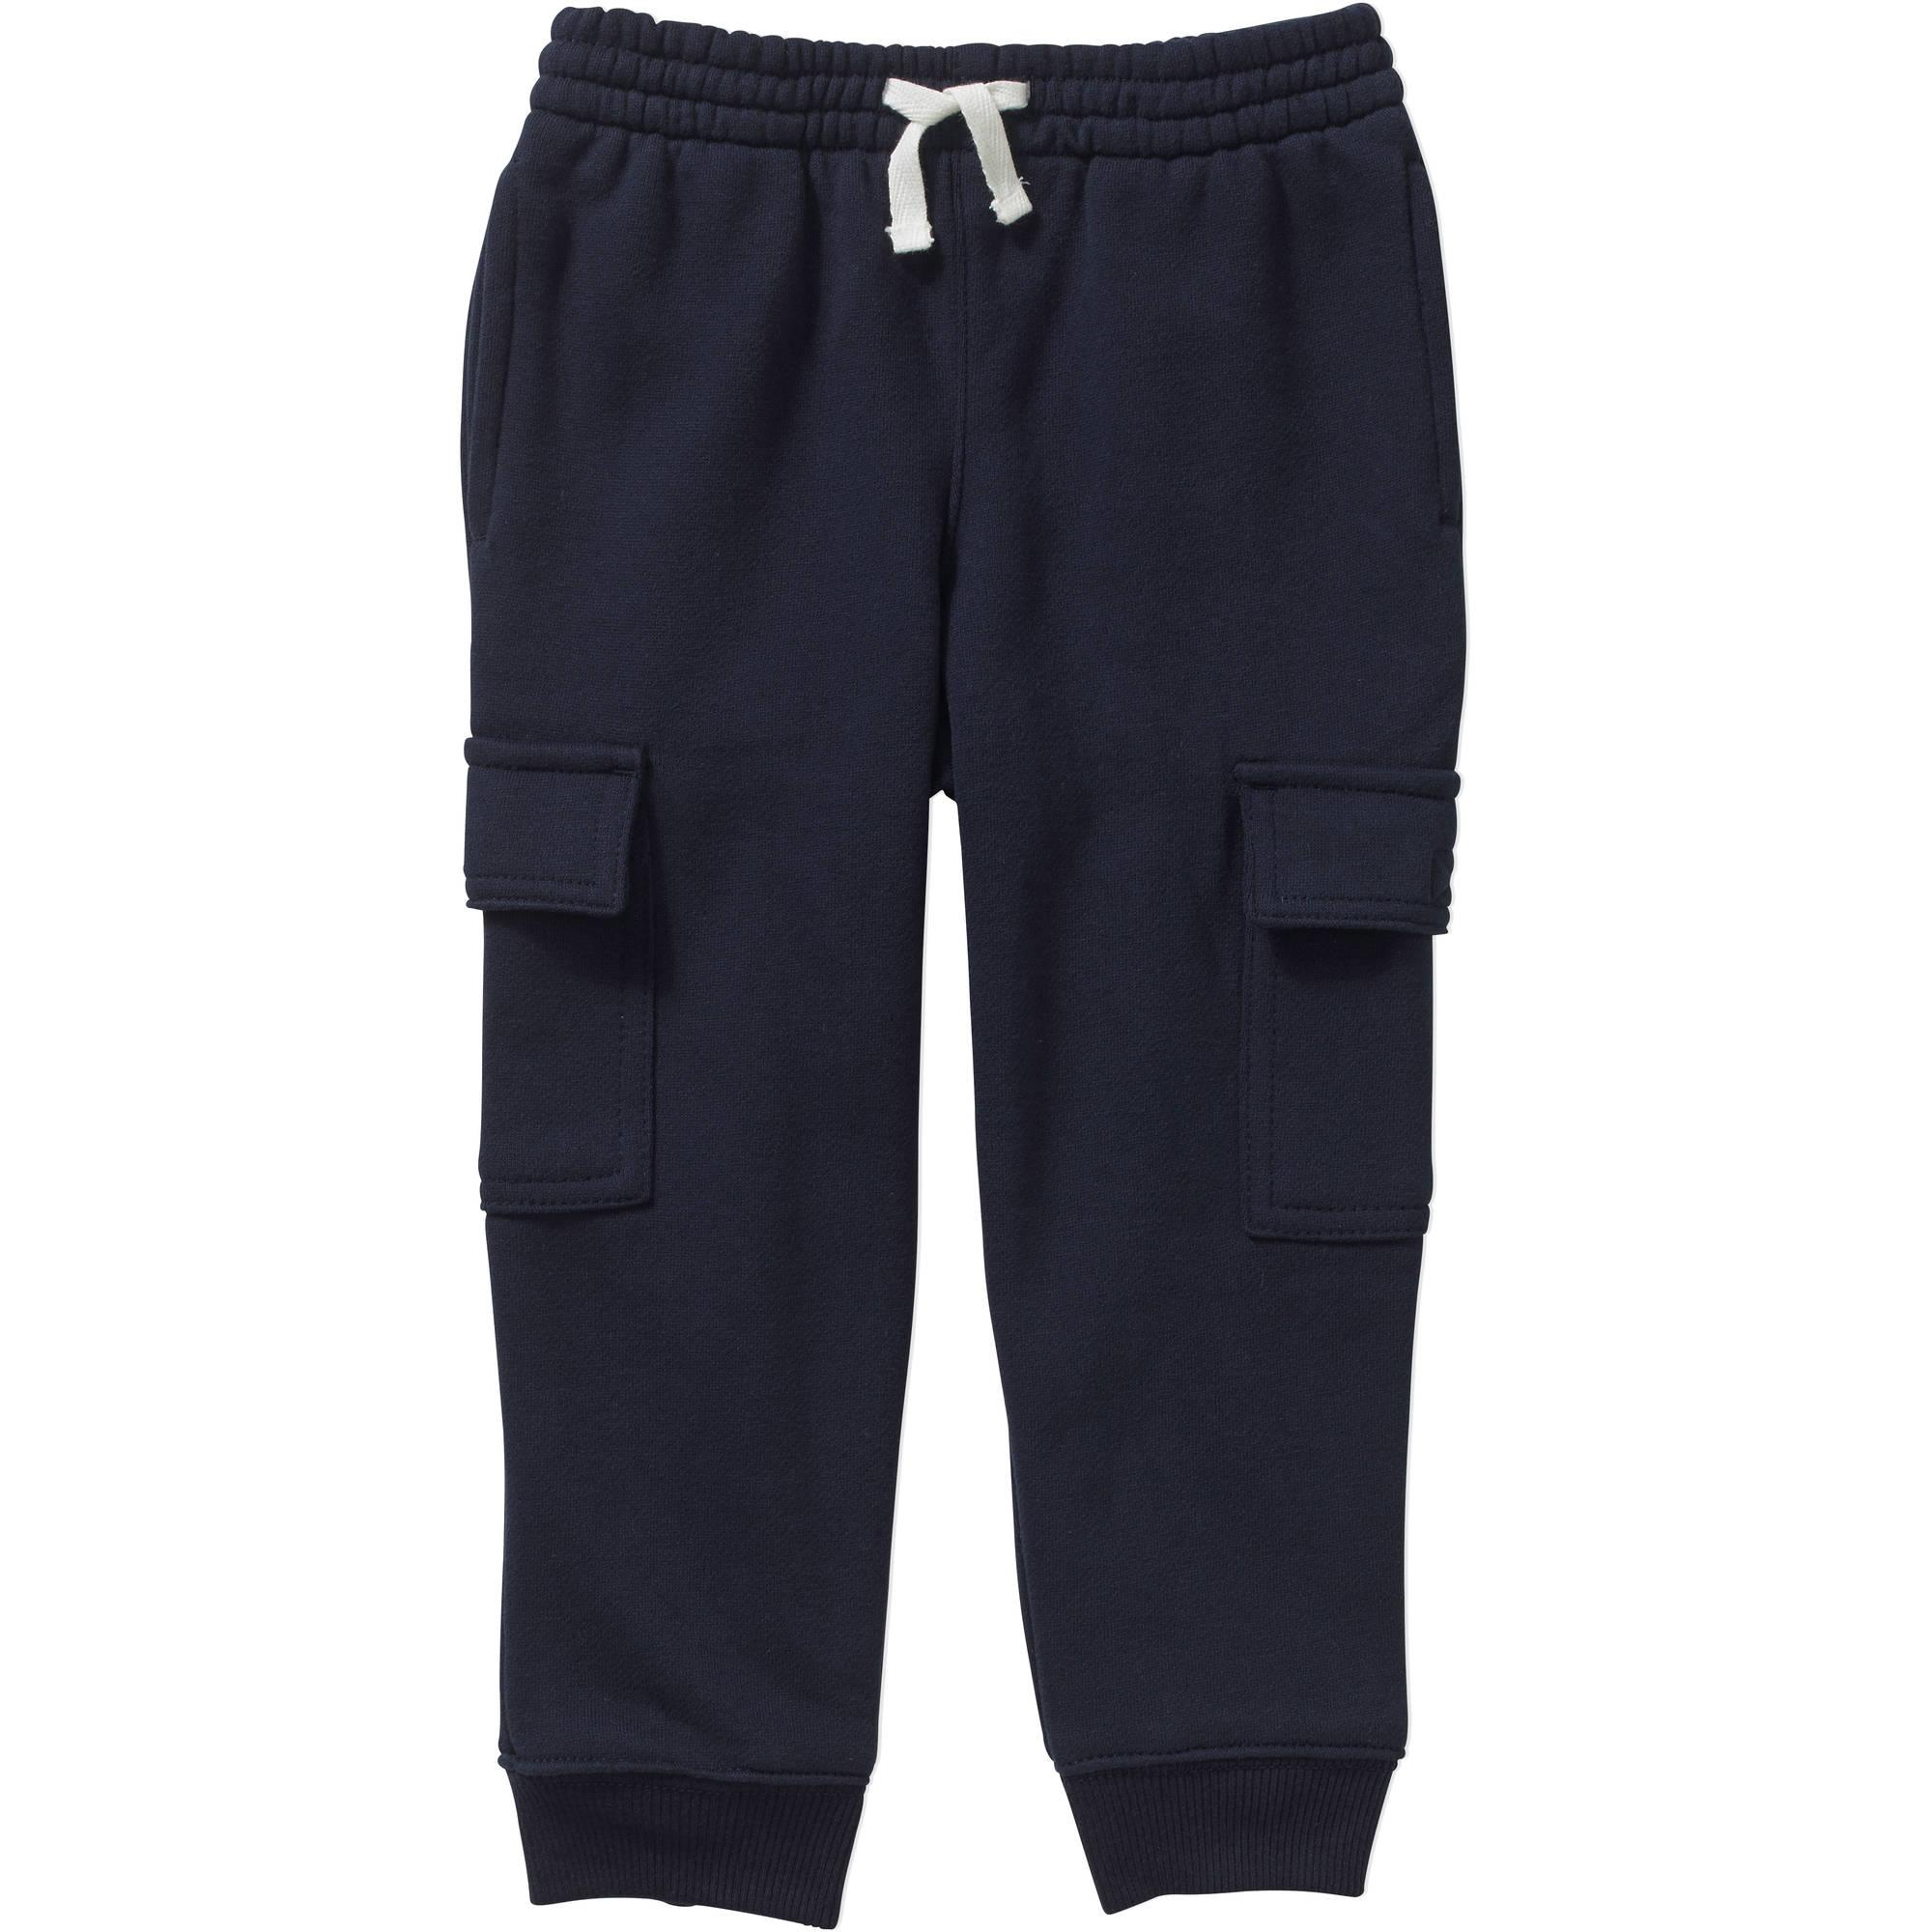 Healthtex Toddler Boys' Fleece Cargo Jogger Pants